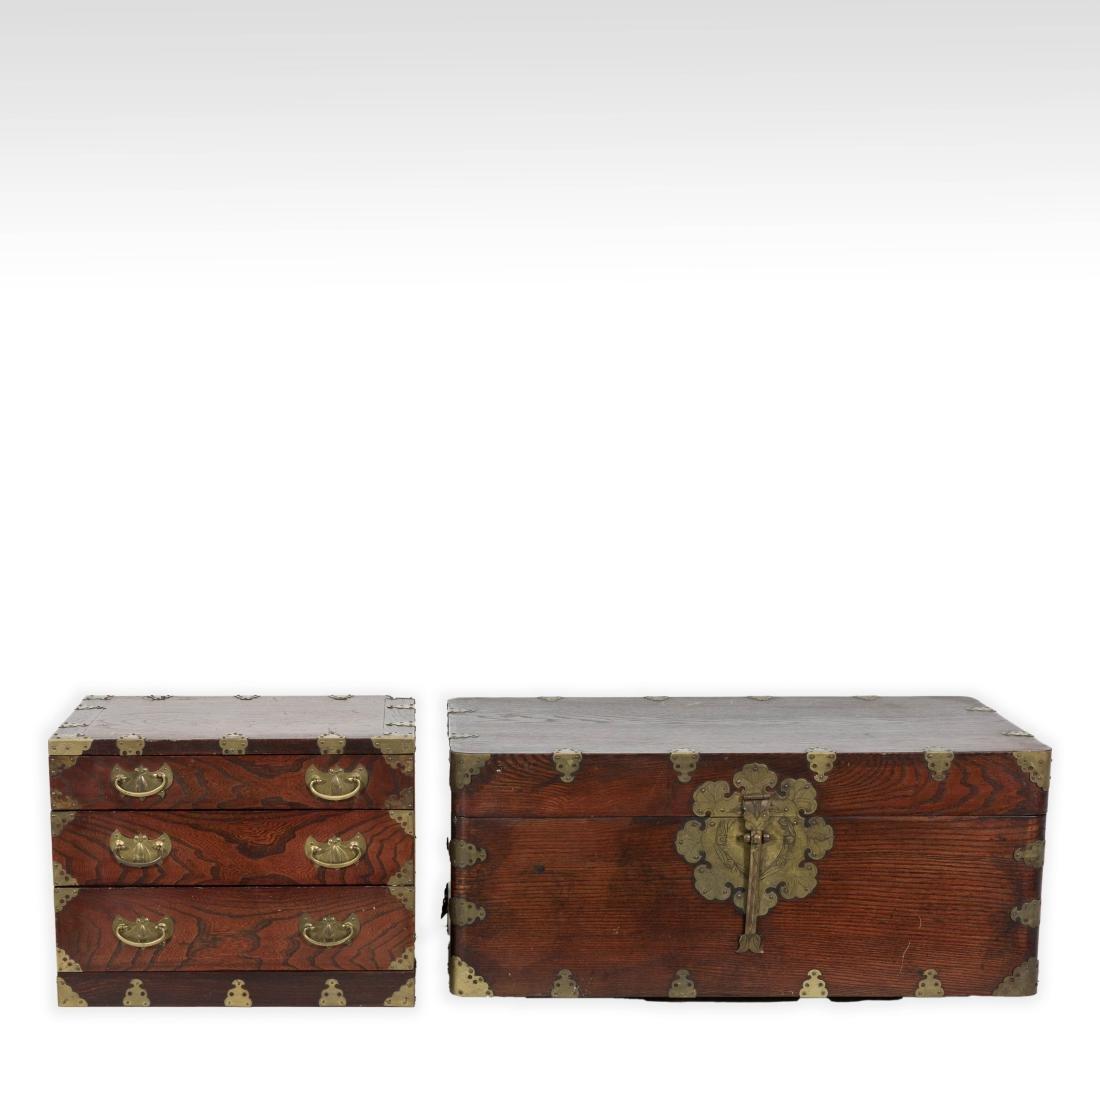 Oriental Box and Mini Chest